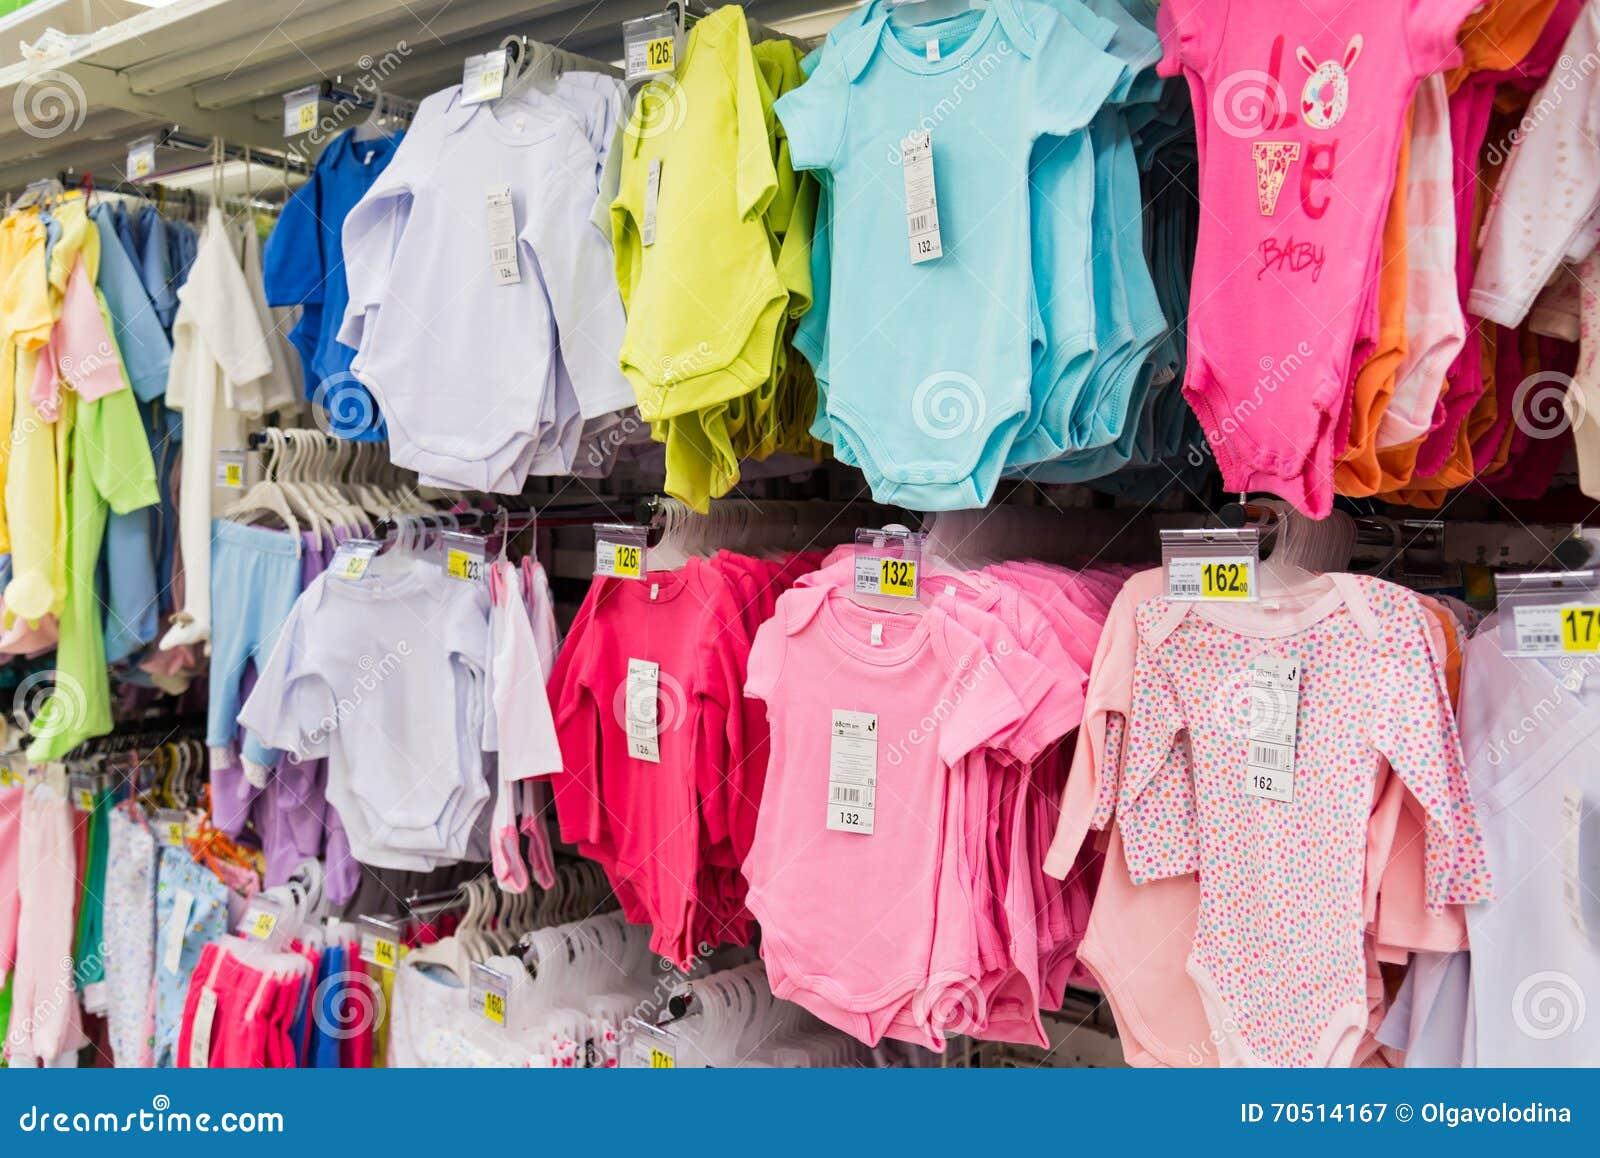 Per 2016 Nella I Vestiti Mosca Rete Russia Grande 24 Aprile Bambini fqw1x6XB